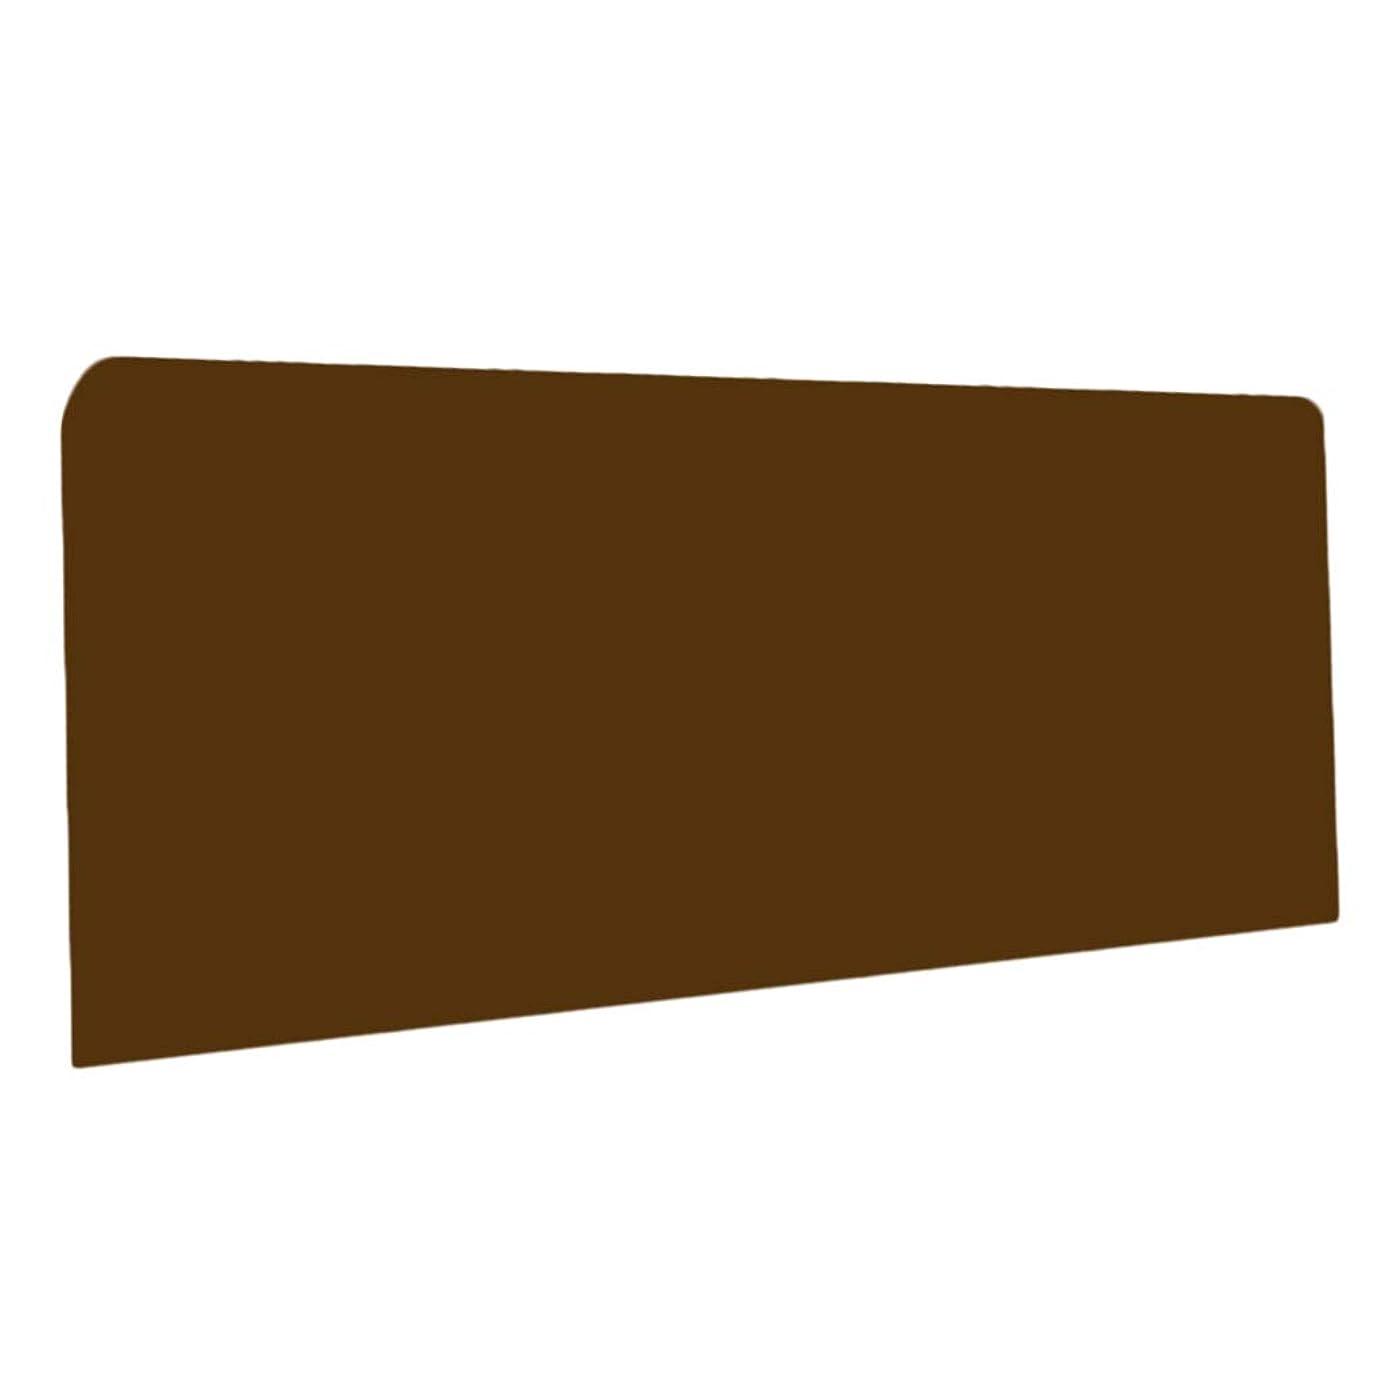 我慢する重々しいヒロインベッドヘッドボード 防塵カバー ベッドヘッドダストカバー 伸縮性 - ブラウン2m